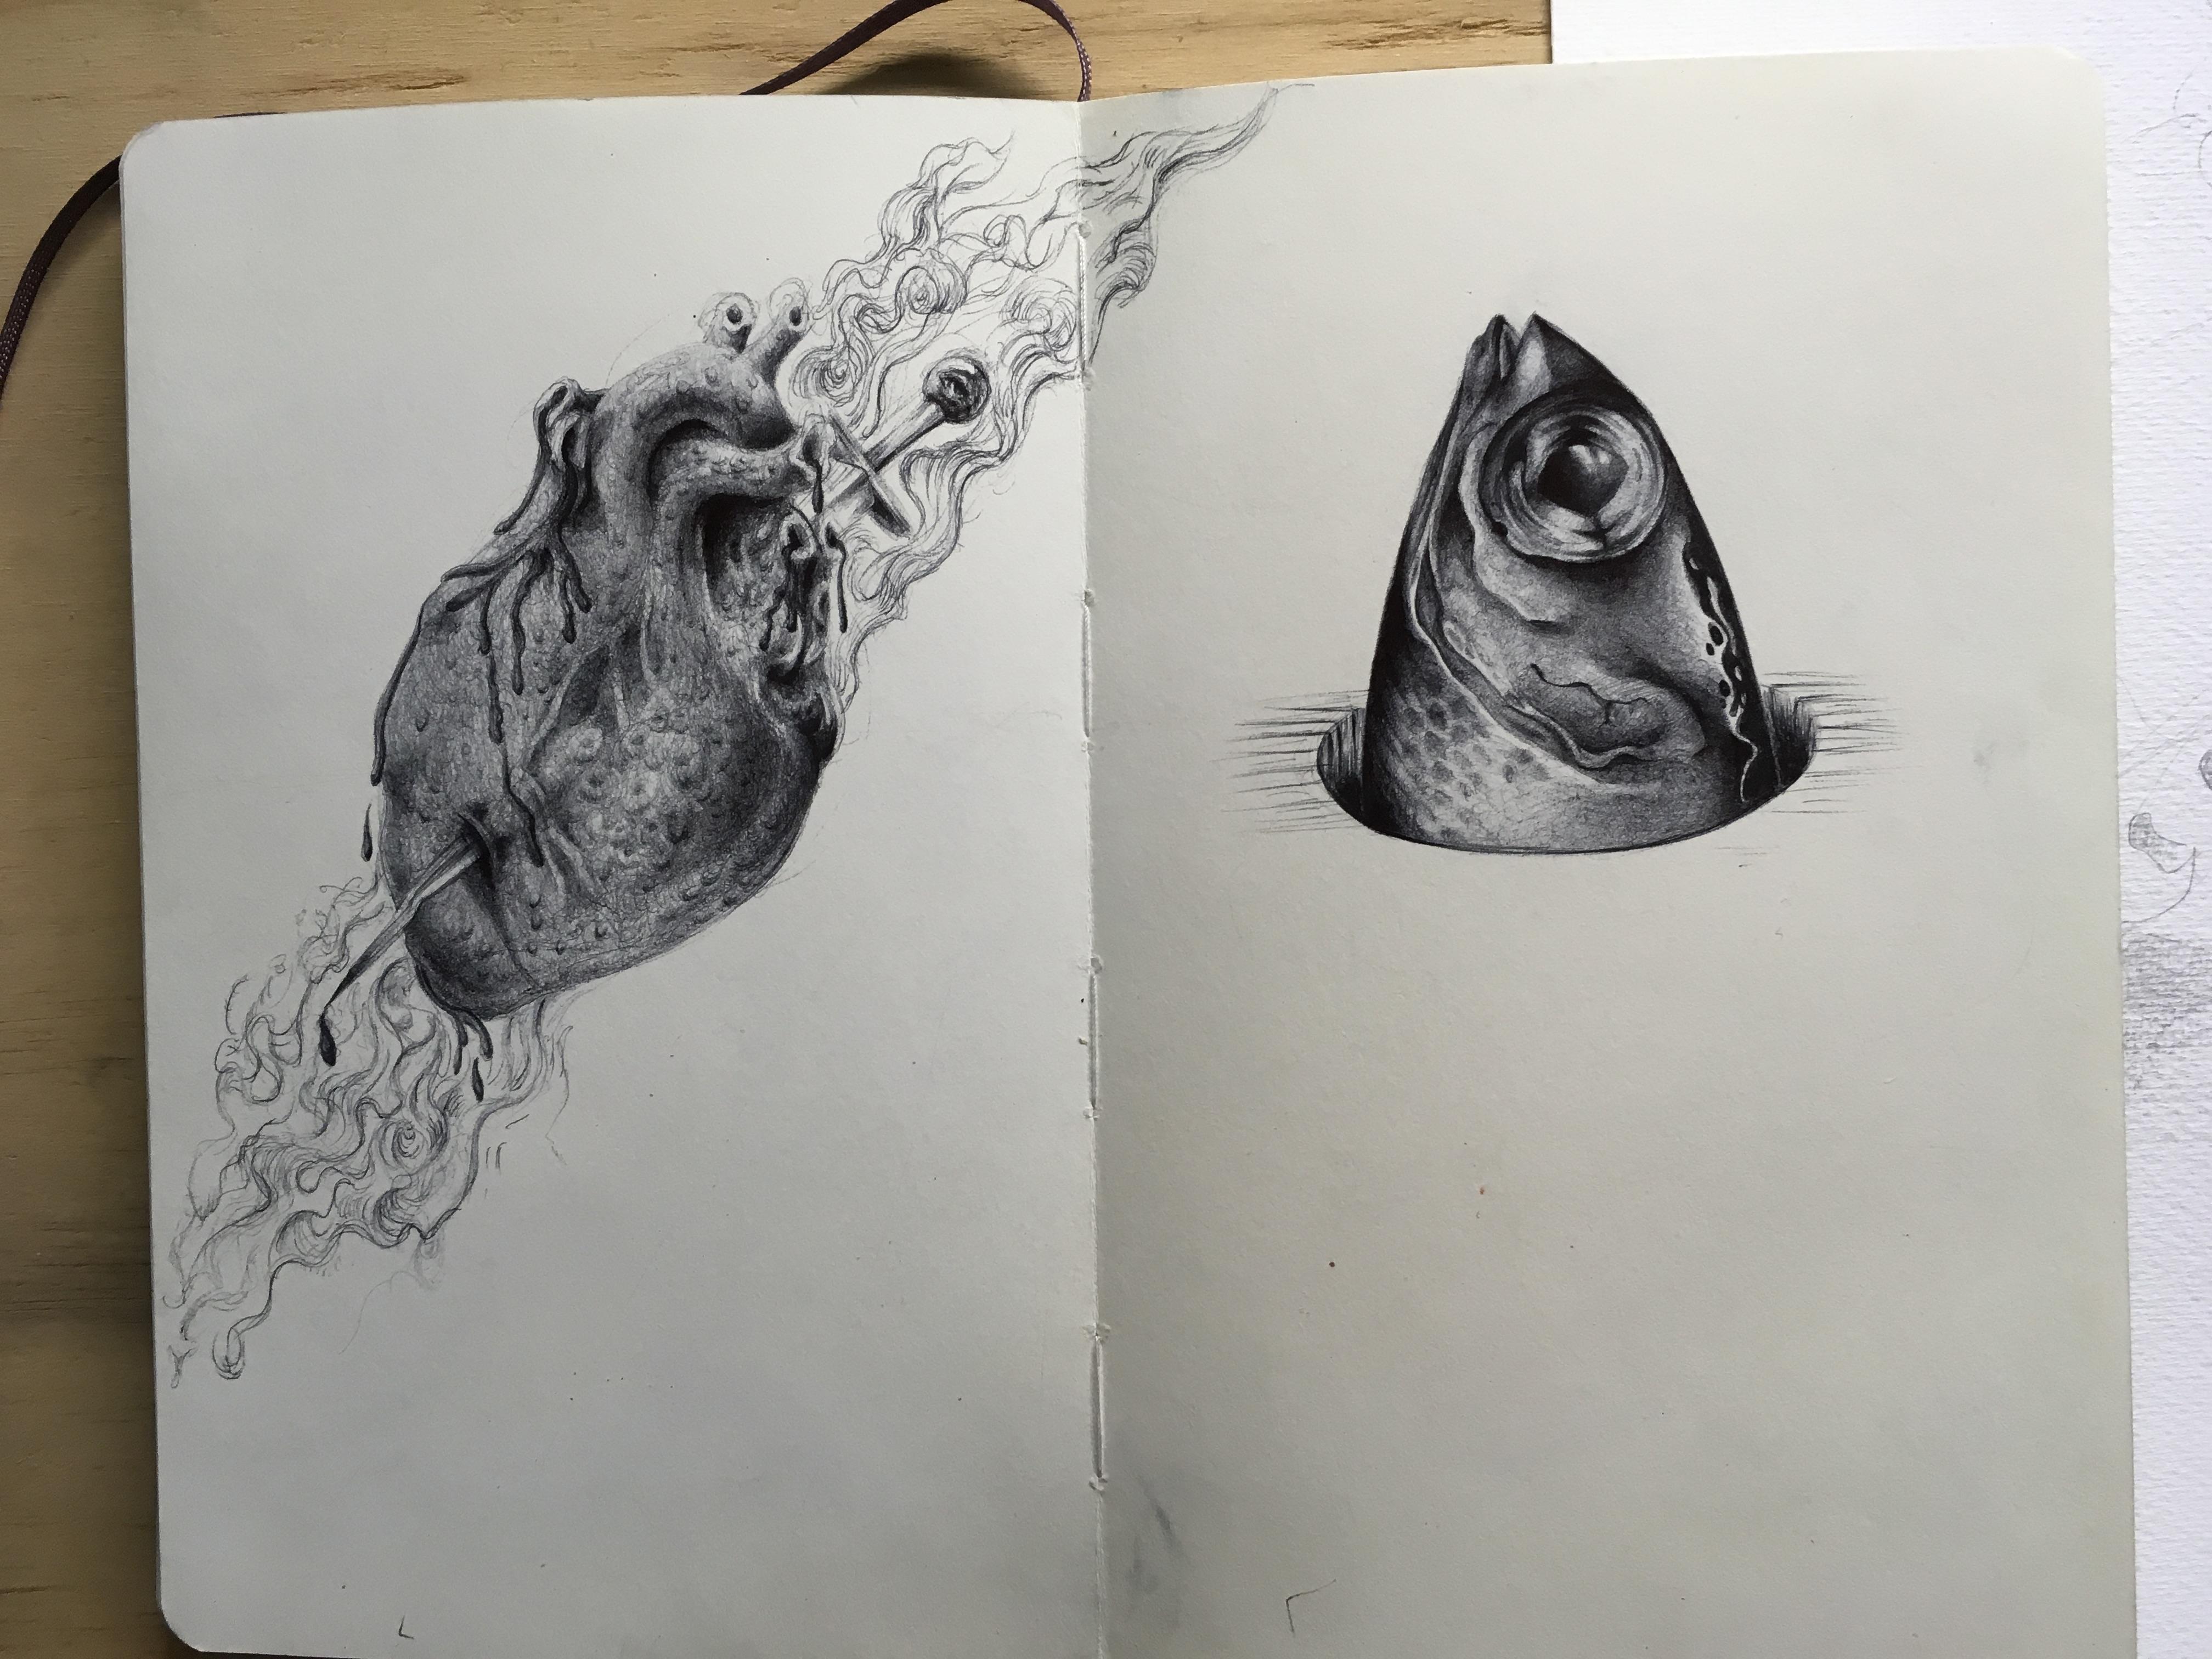 Fish & heart